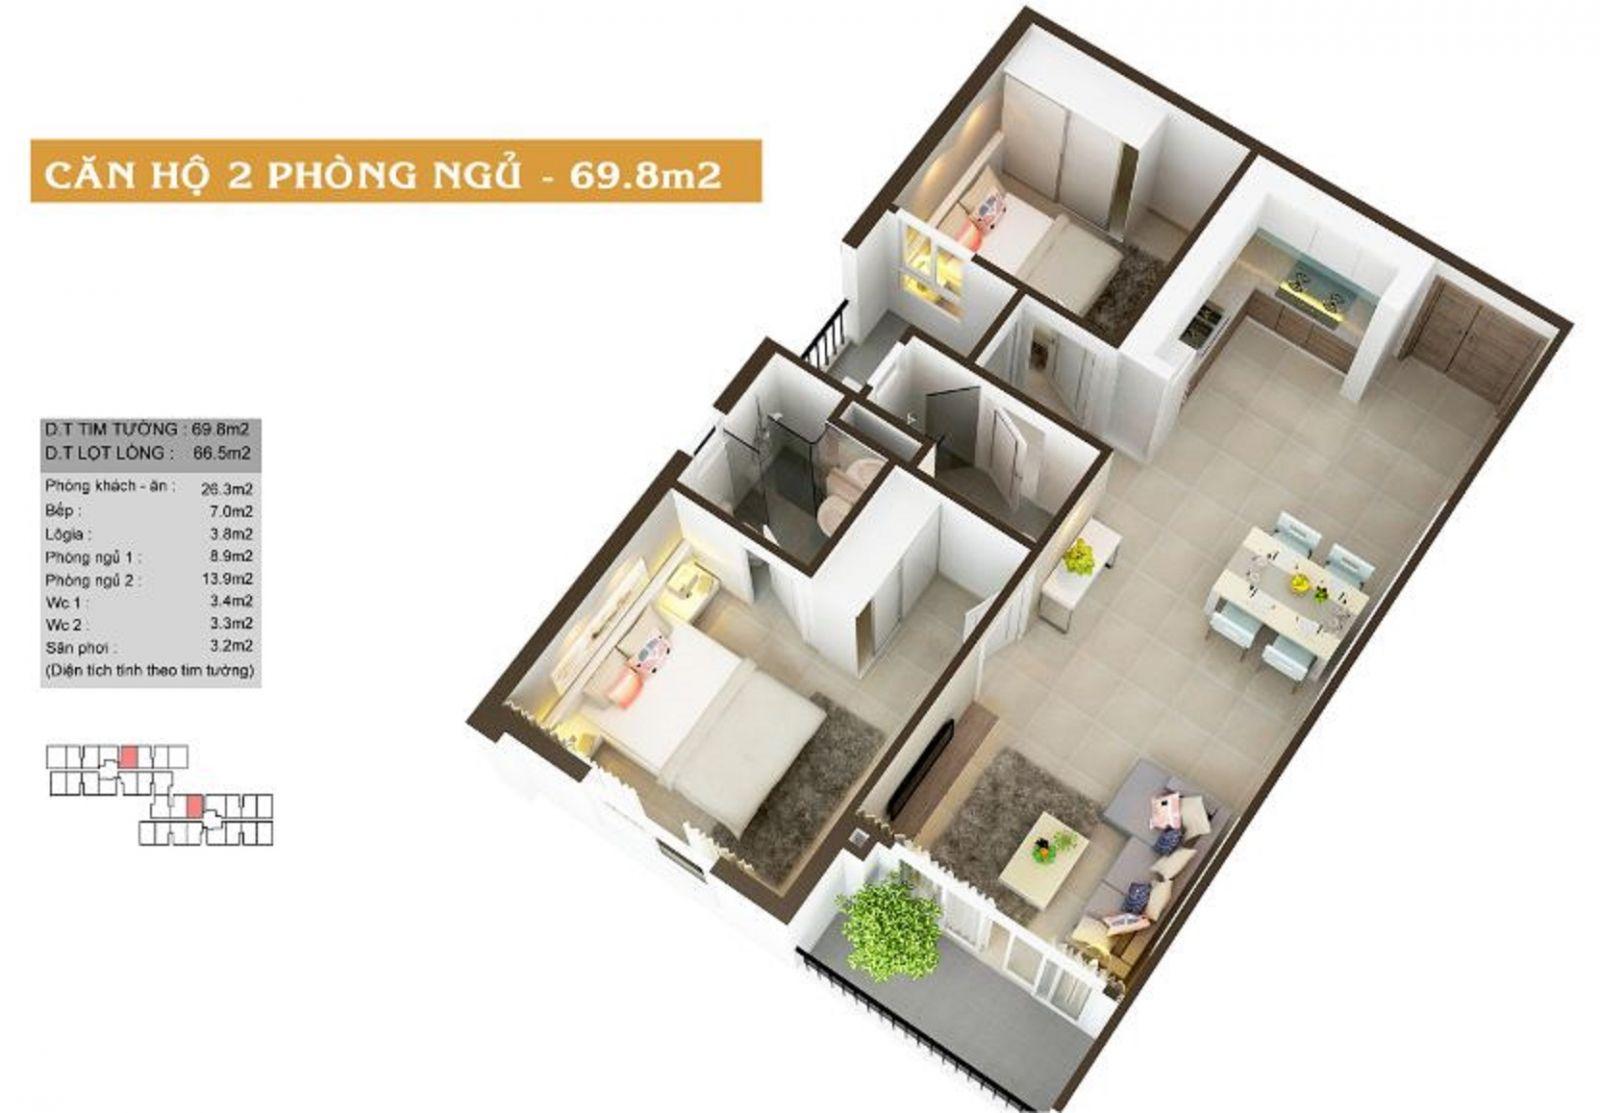 Thiết kế căn hộ 2PN diện tích 69.8m2